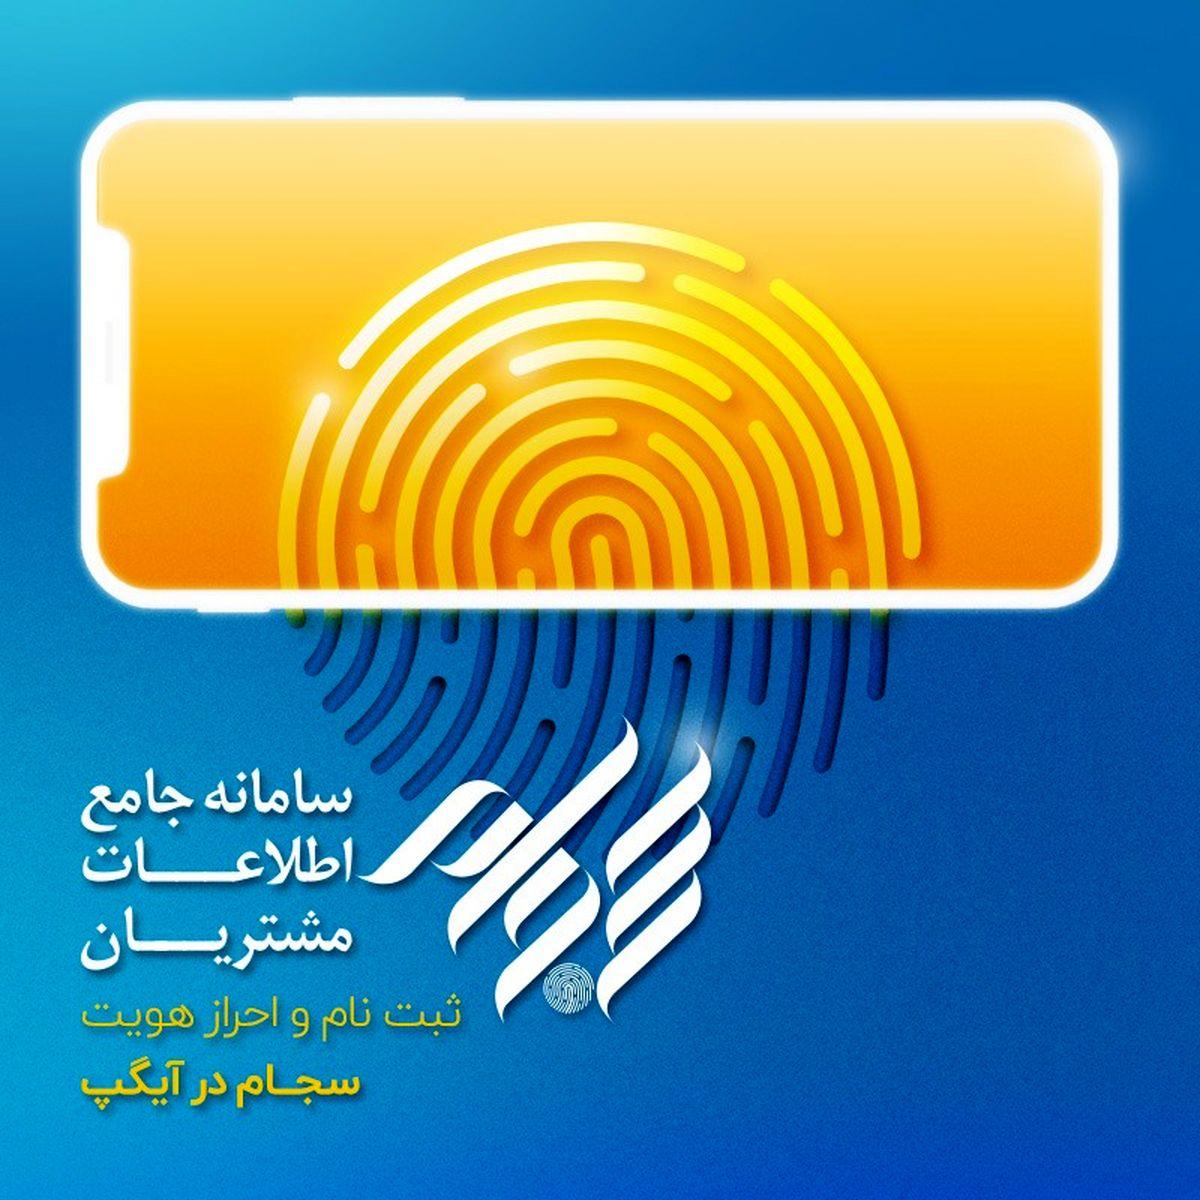 ثبتنام و احراز هویت سجام در اپلیکیشن آیگپ